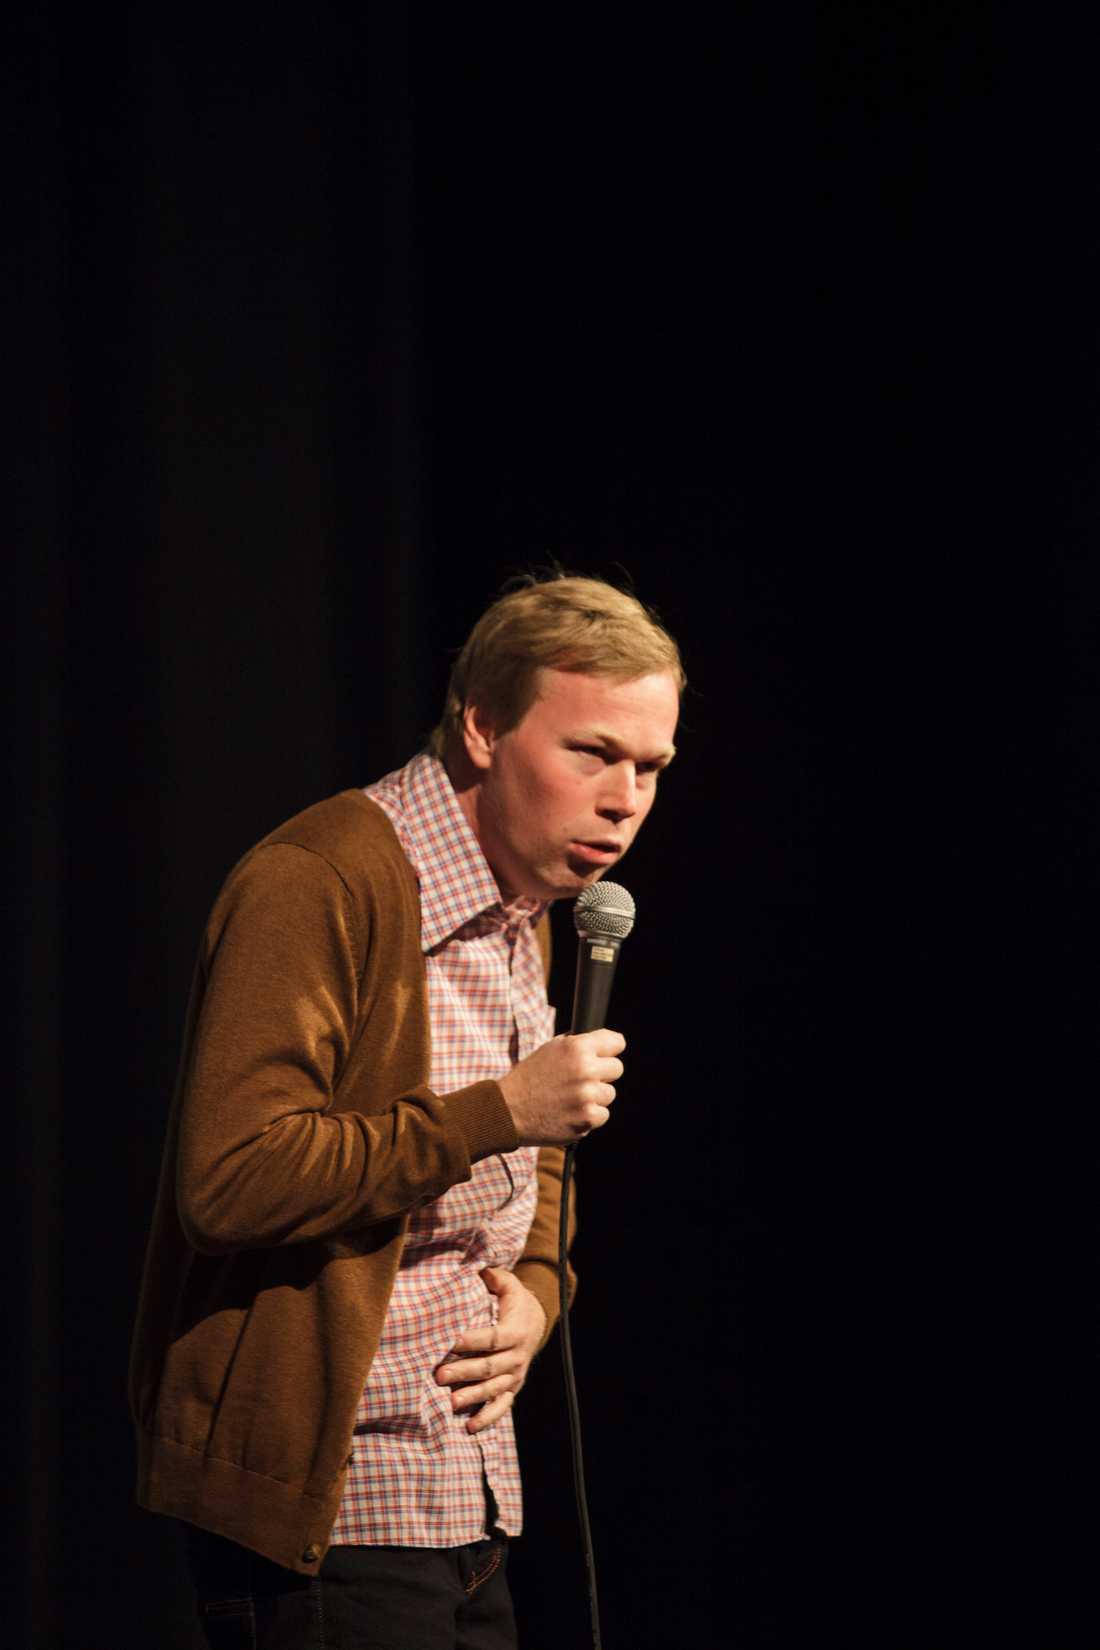 Träffsäker Johan Glans turnépremiär i Halmstad blev en skrattfest. Hans skämt om främlingsfientlighet, vad som skulle hända om Ikea skötte Sveriges vapenexport och hur det är att vara småbarnsförälder får salongen att skratta så tårarna rinner.